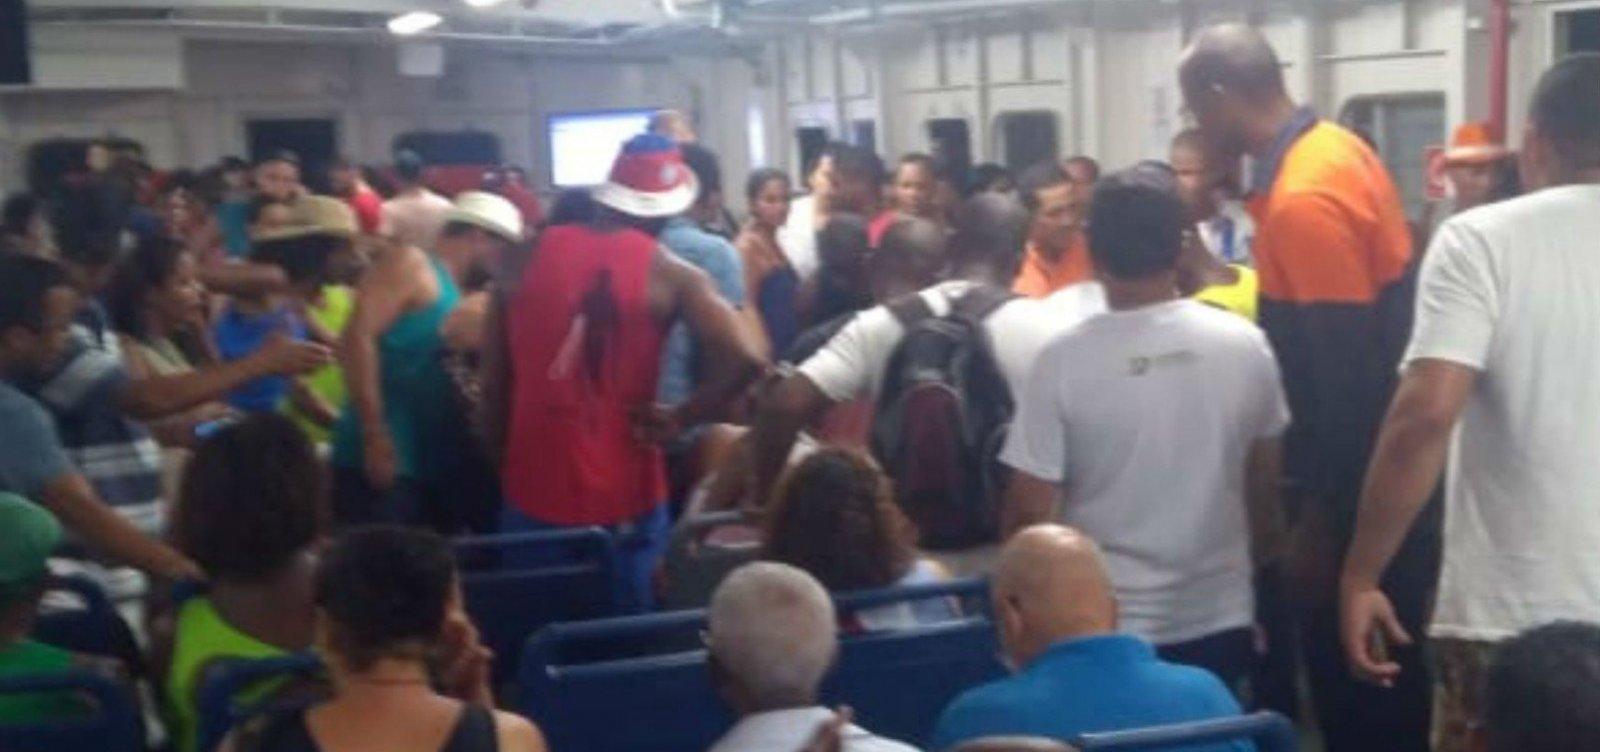 [Idoso de 82 anos morre após passar mal durante travessia de ferry-boat]